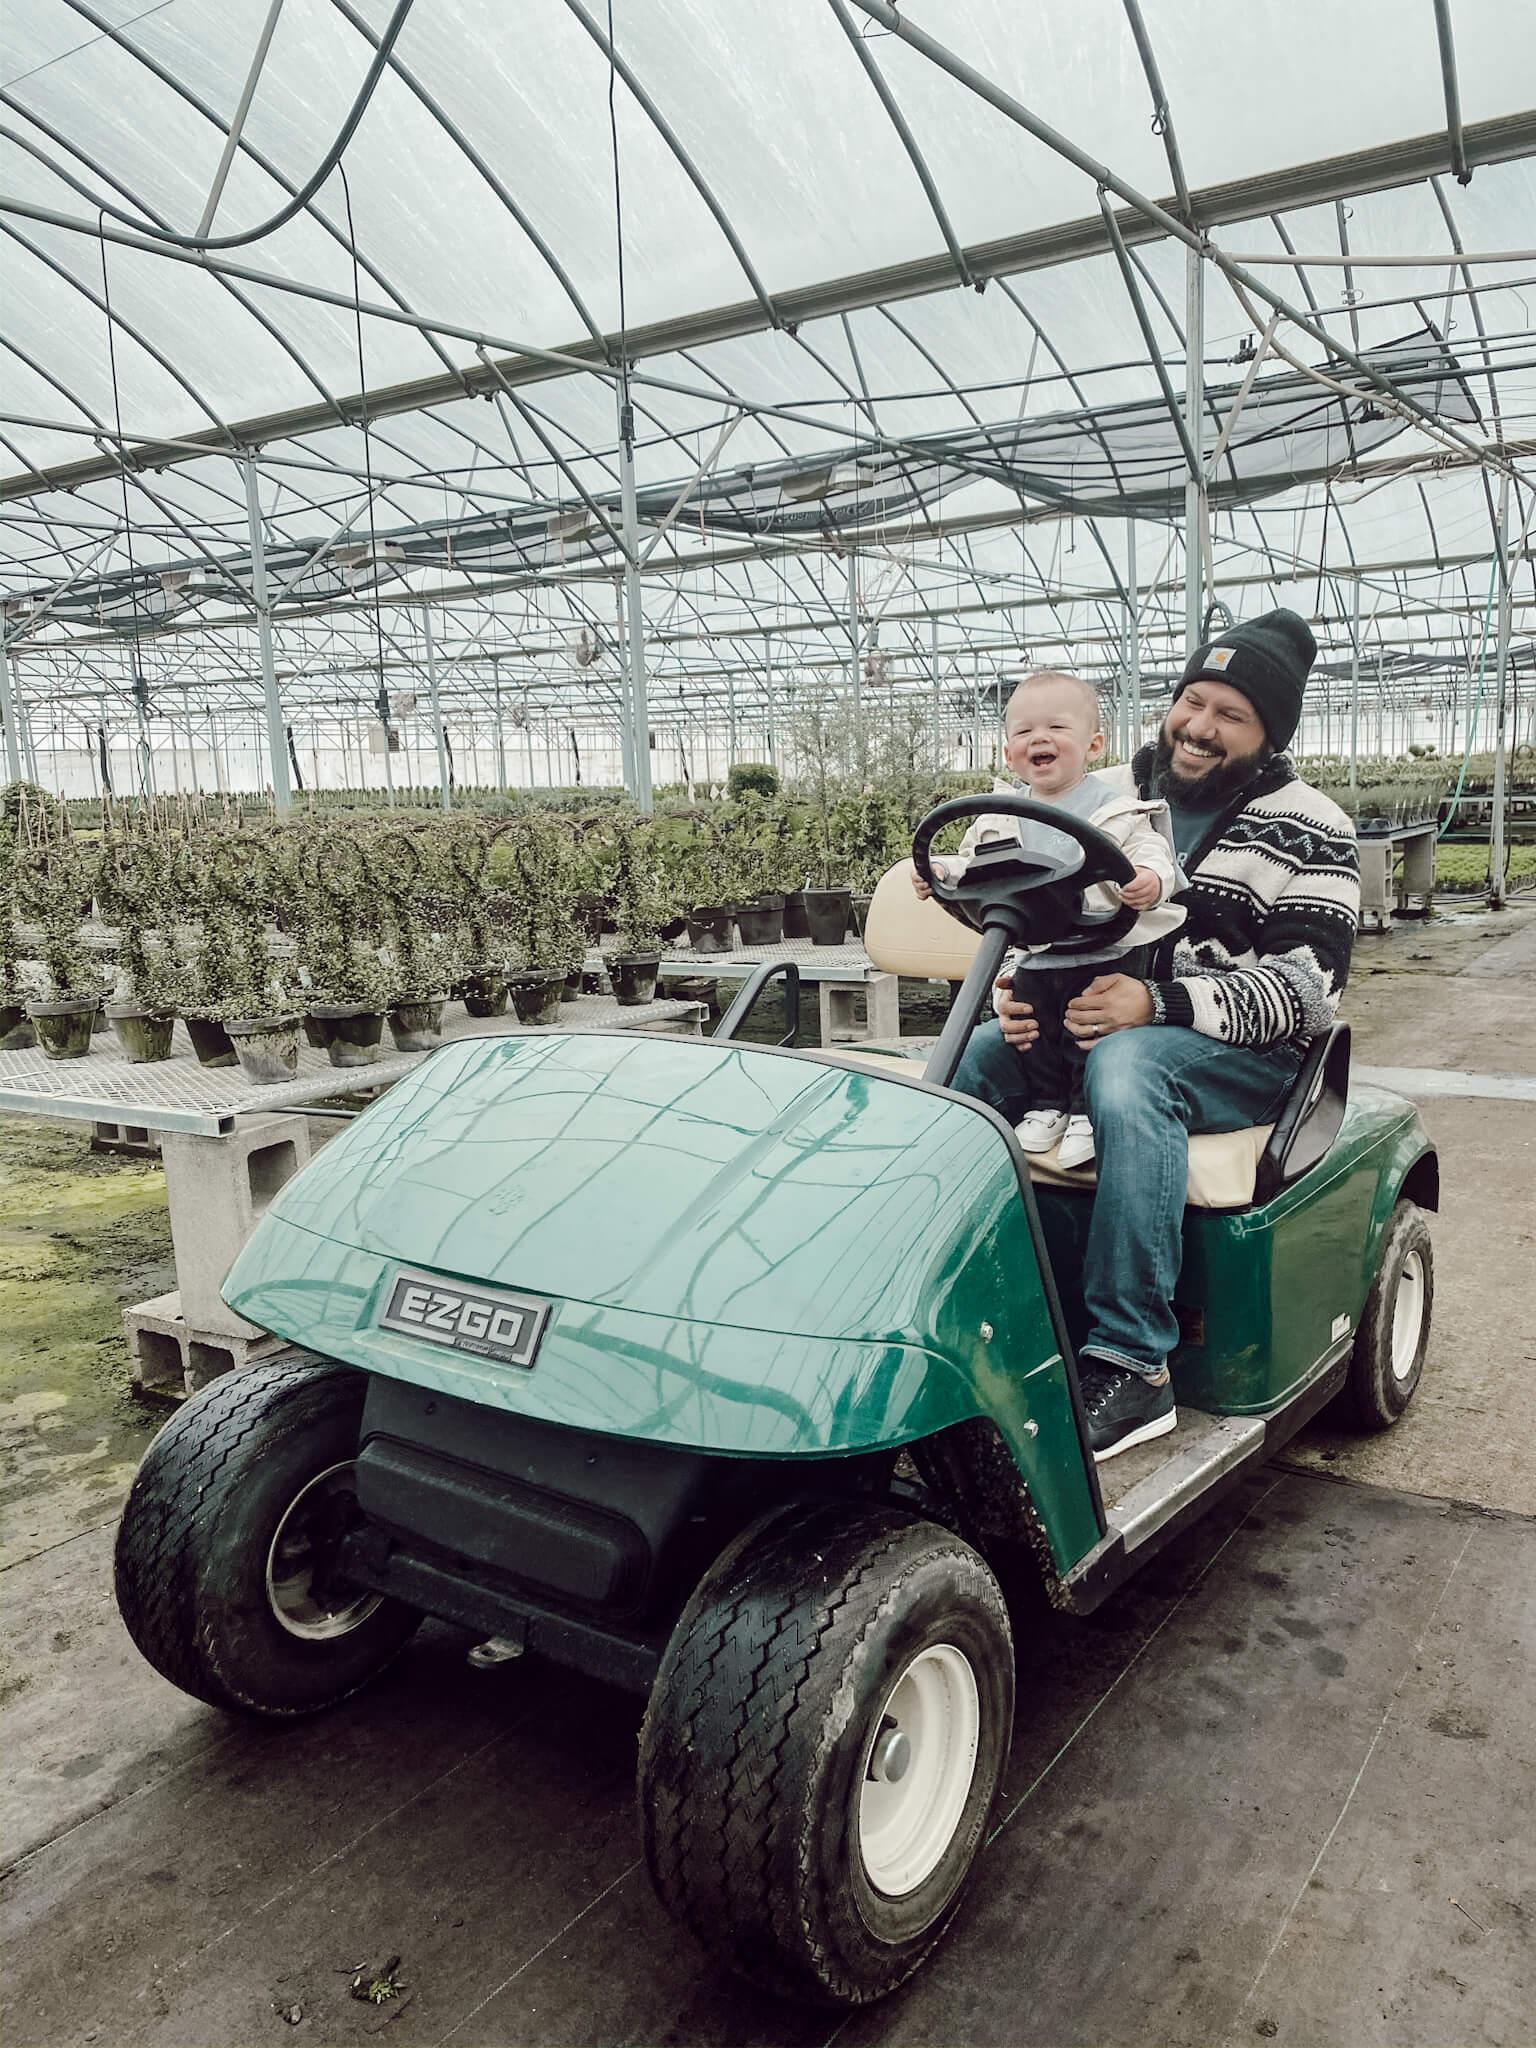 EZGO in a Greenhouse